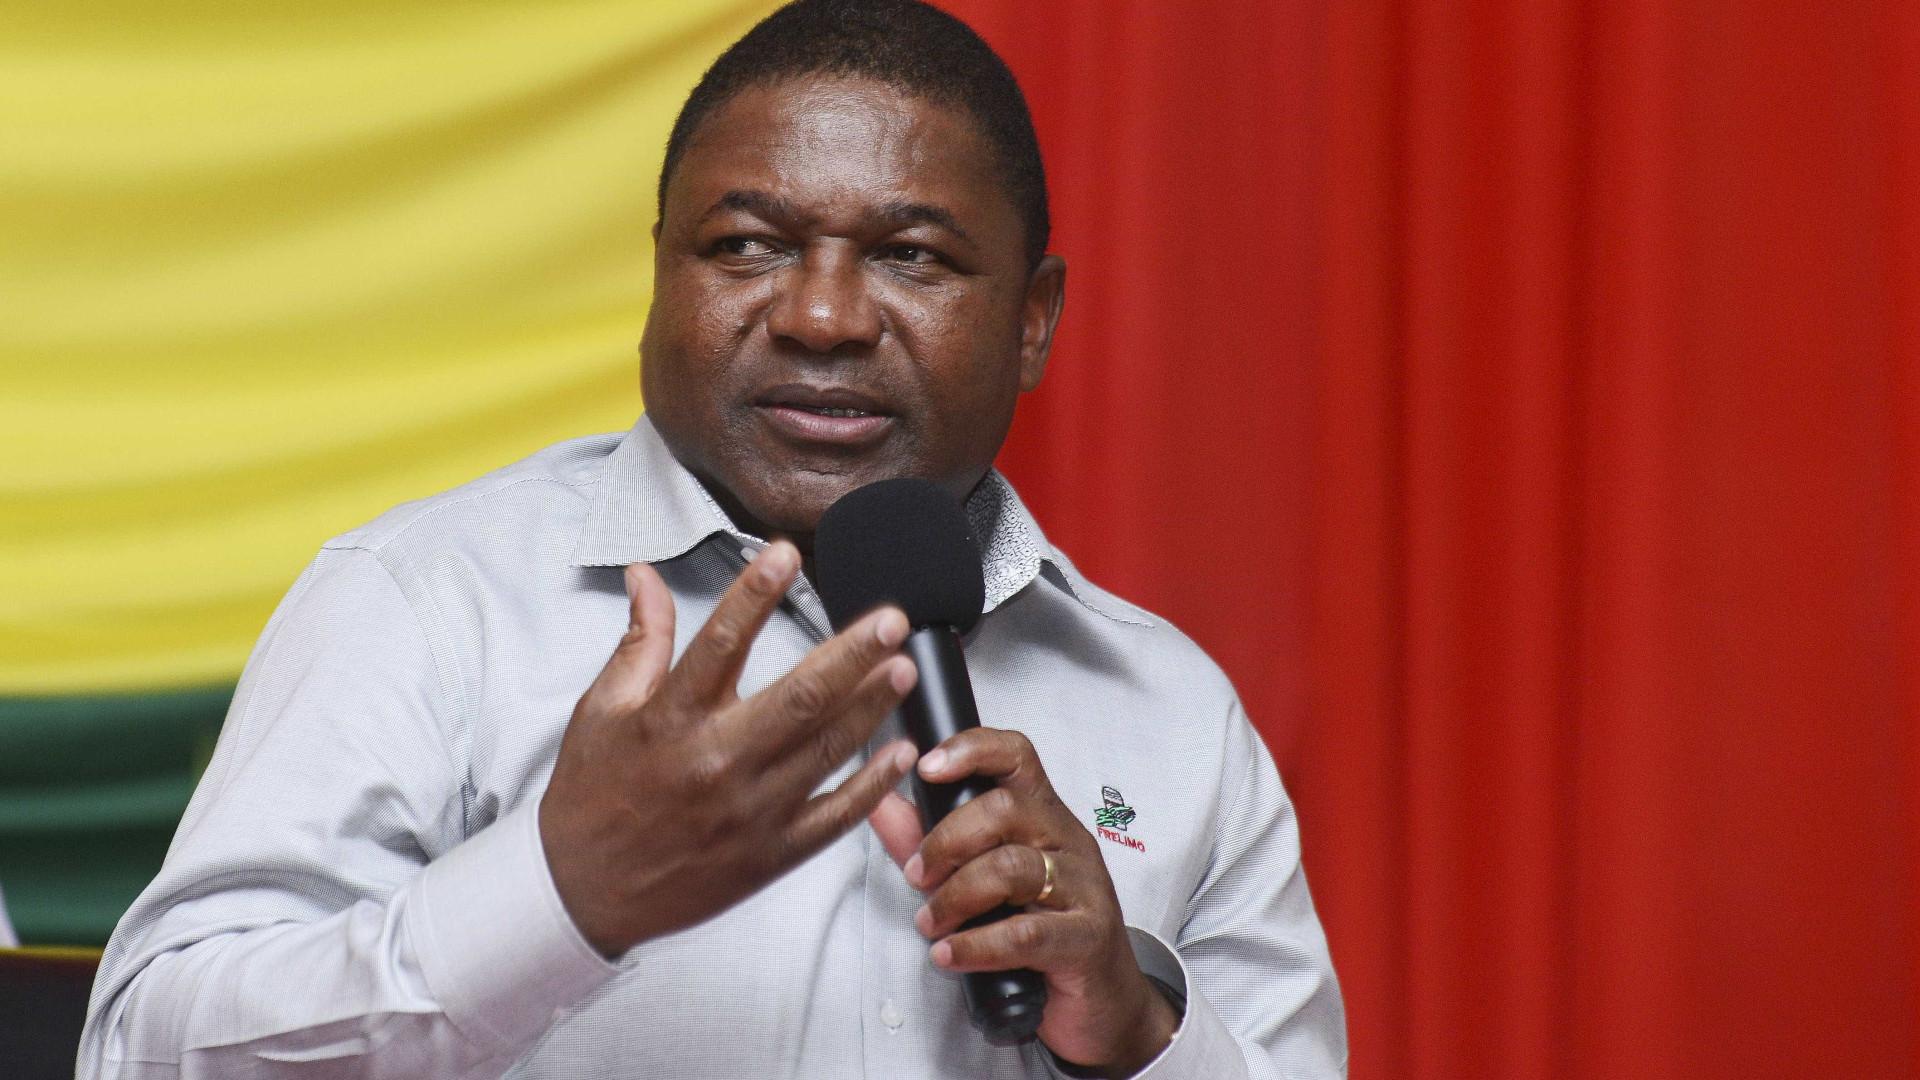 Presidente de Moçambique mais otimista que previsões sobre inflação e PIB